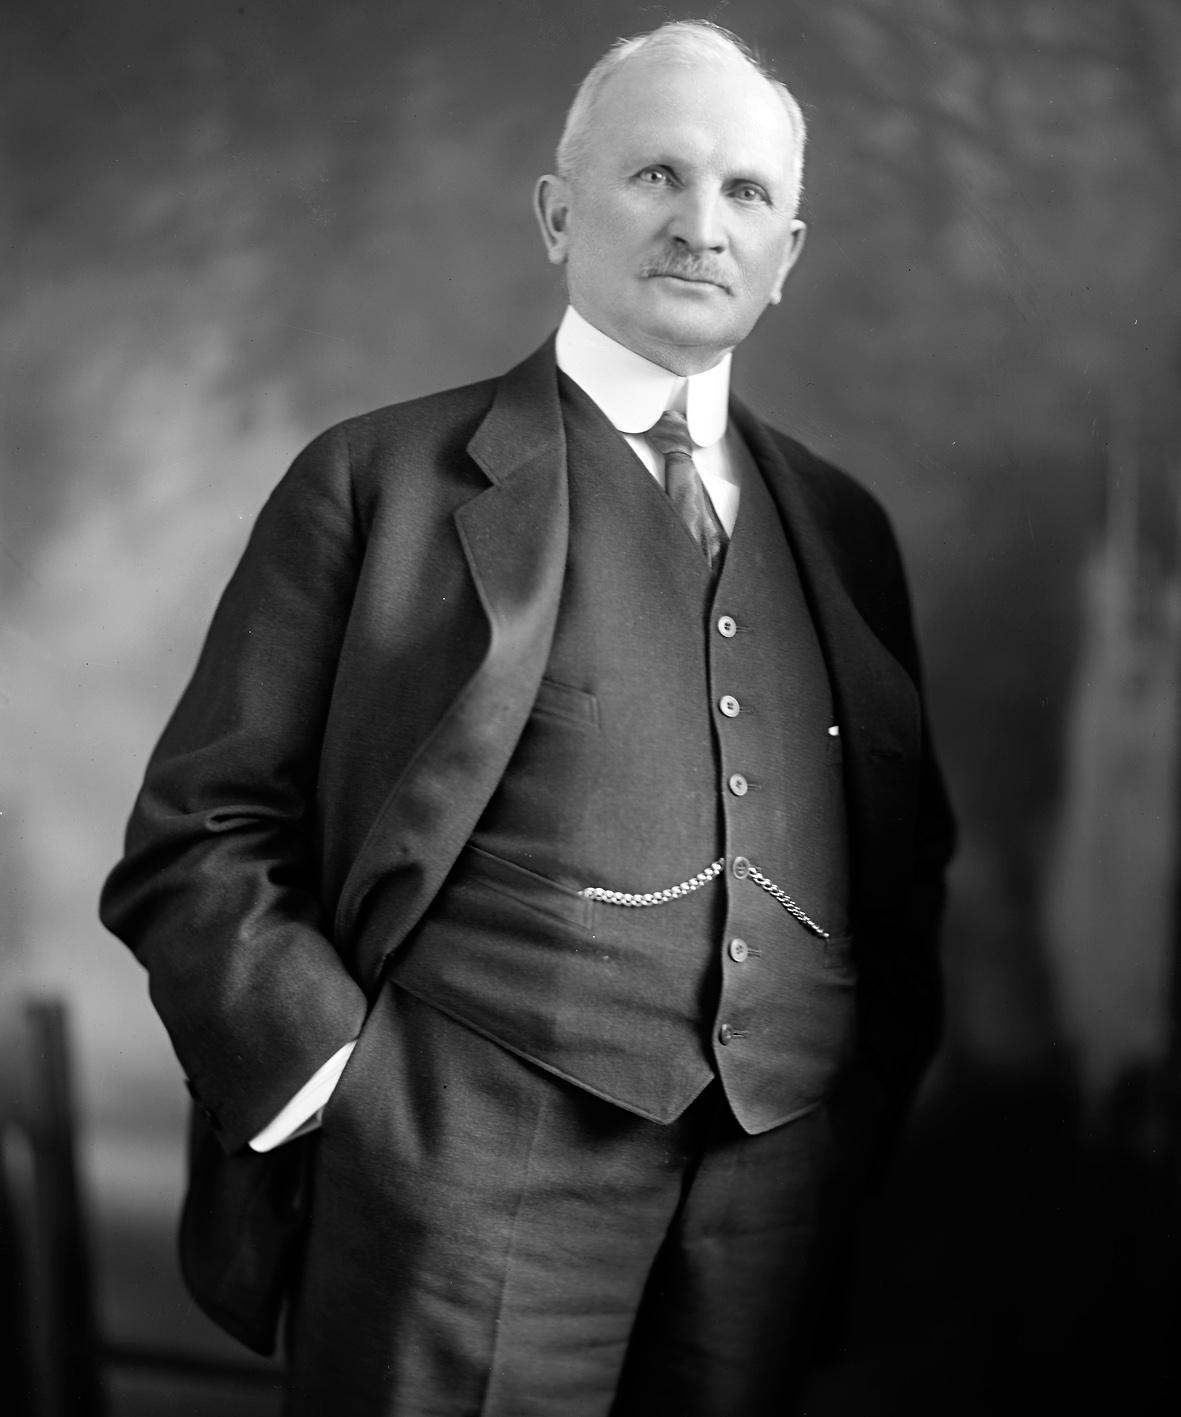 Bryan F. Mahan